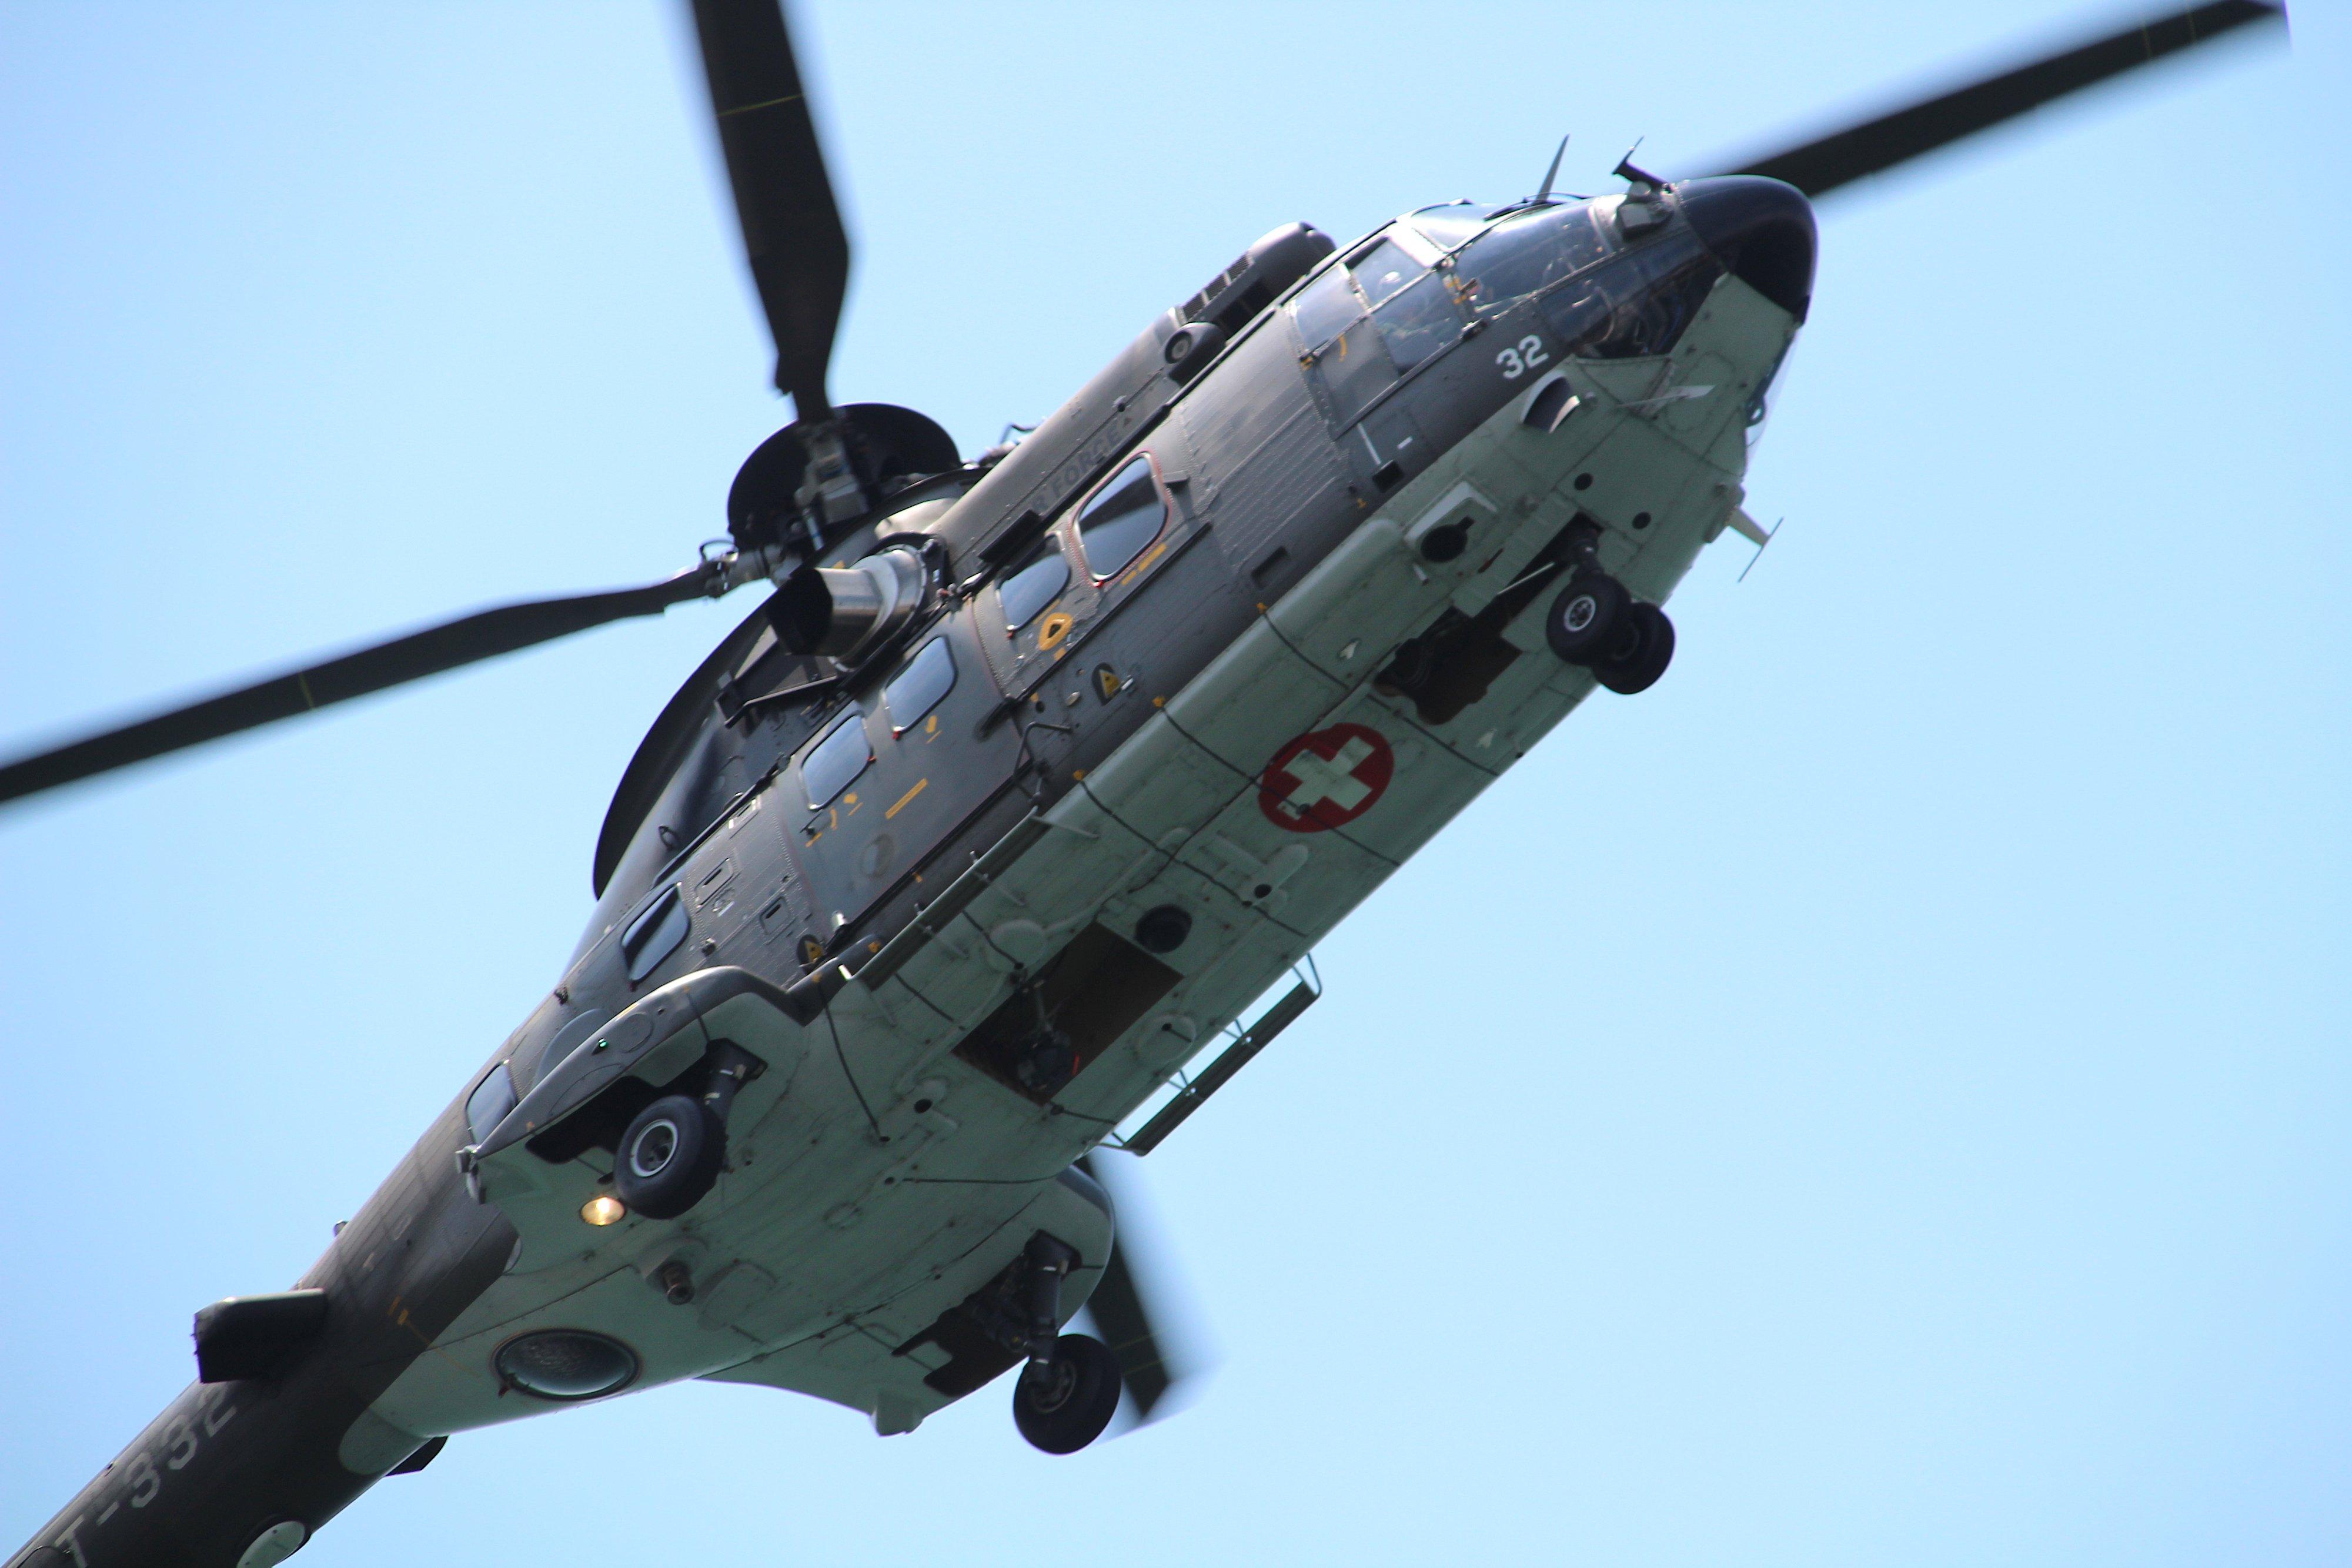 Der Superpuma-Hubschrauber torkelt akrobatisch in der Luft.